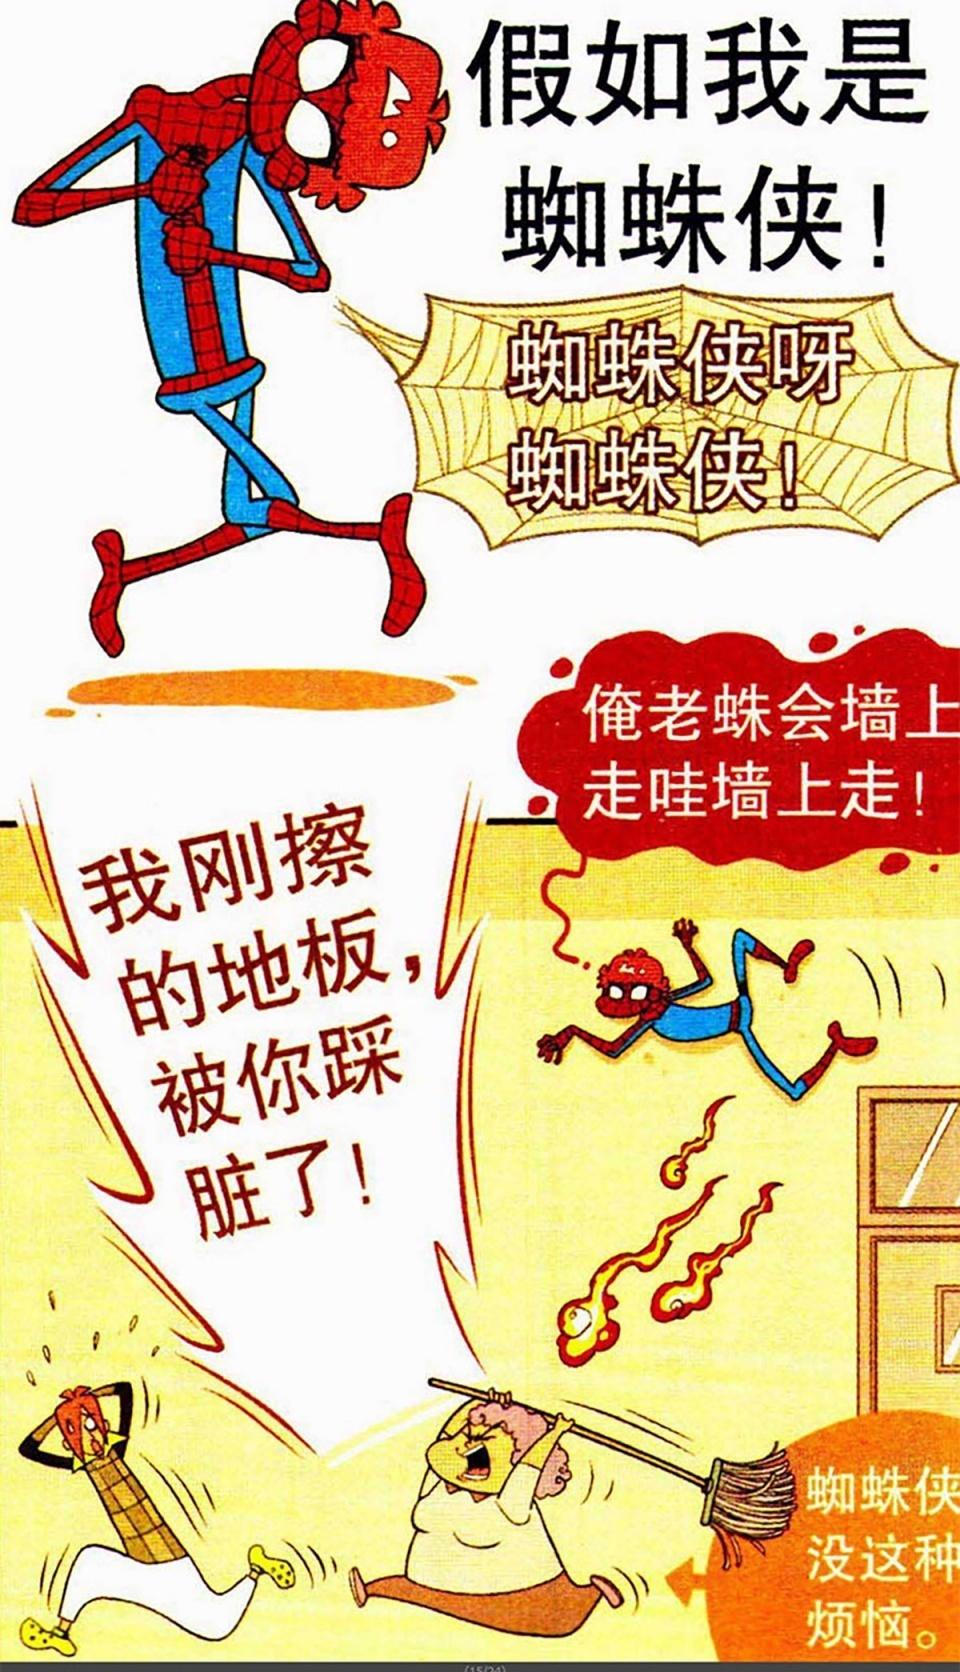 搞笑漫画,阿衰上父爱忘带纸,阿衰只使用蜘蛛漫画厕所图片